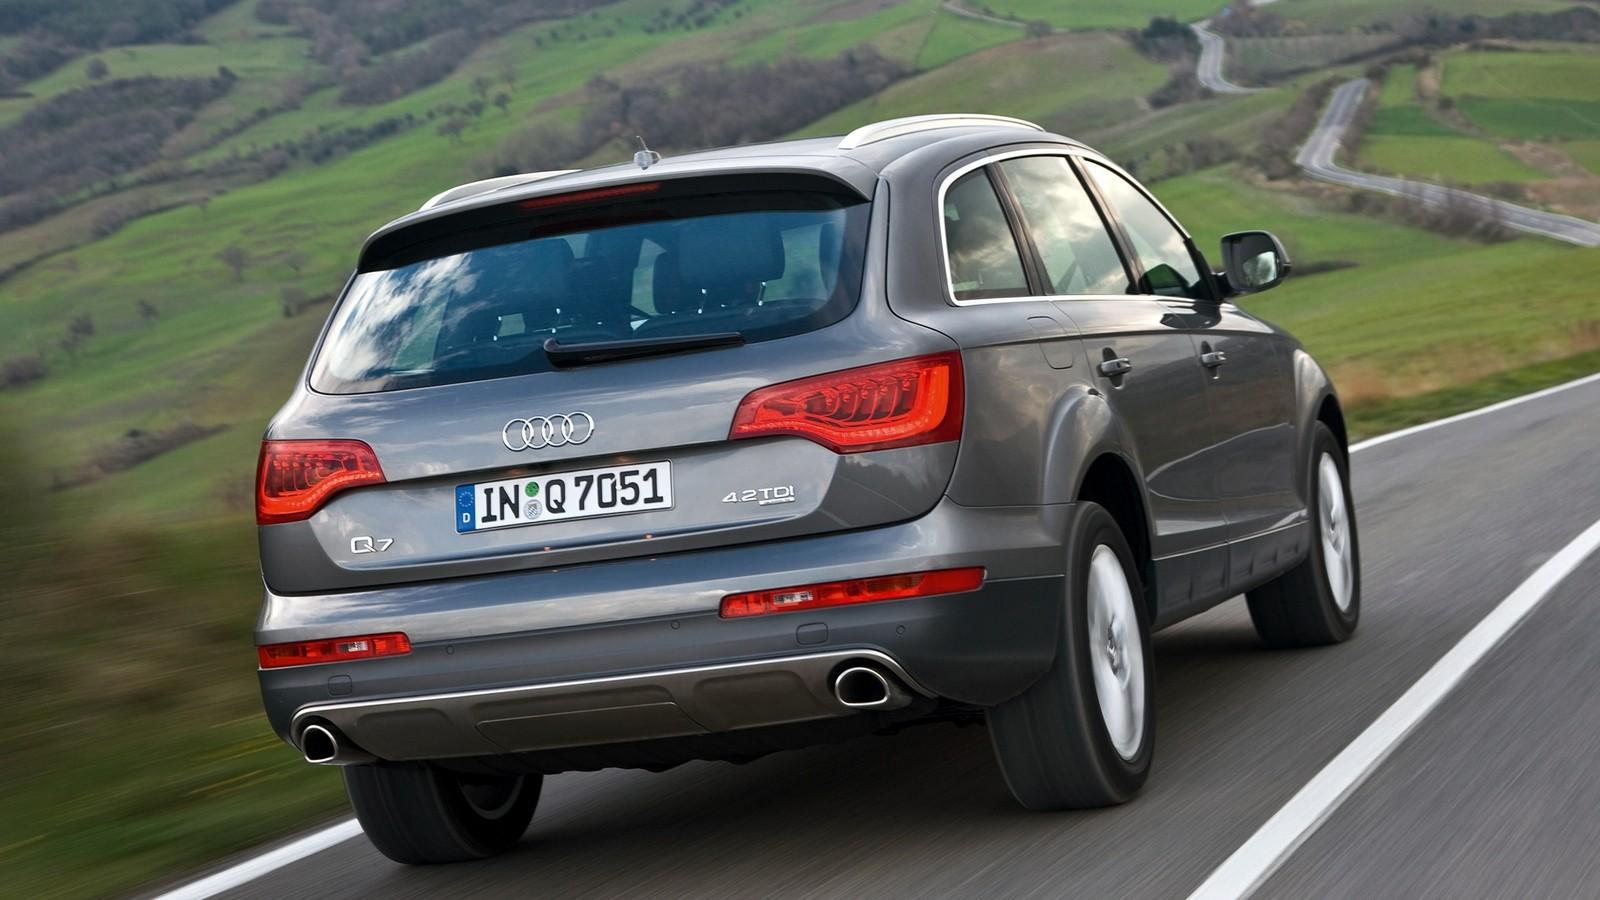 На фото: Audi Q7 4.2 TDI quattro (4L) '2009–15